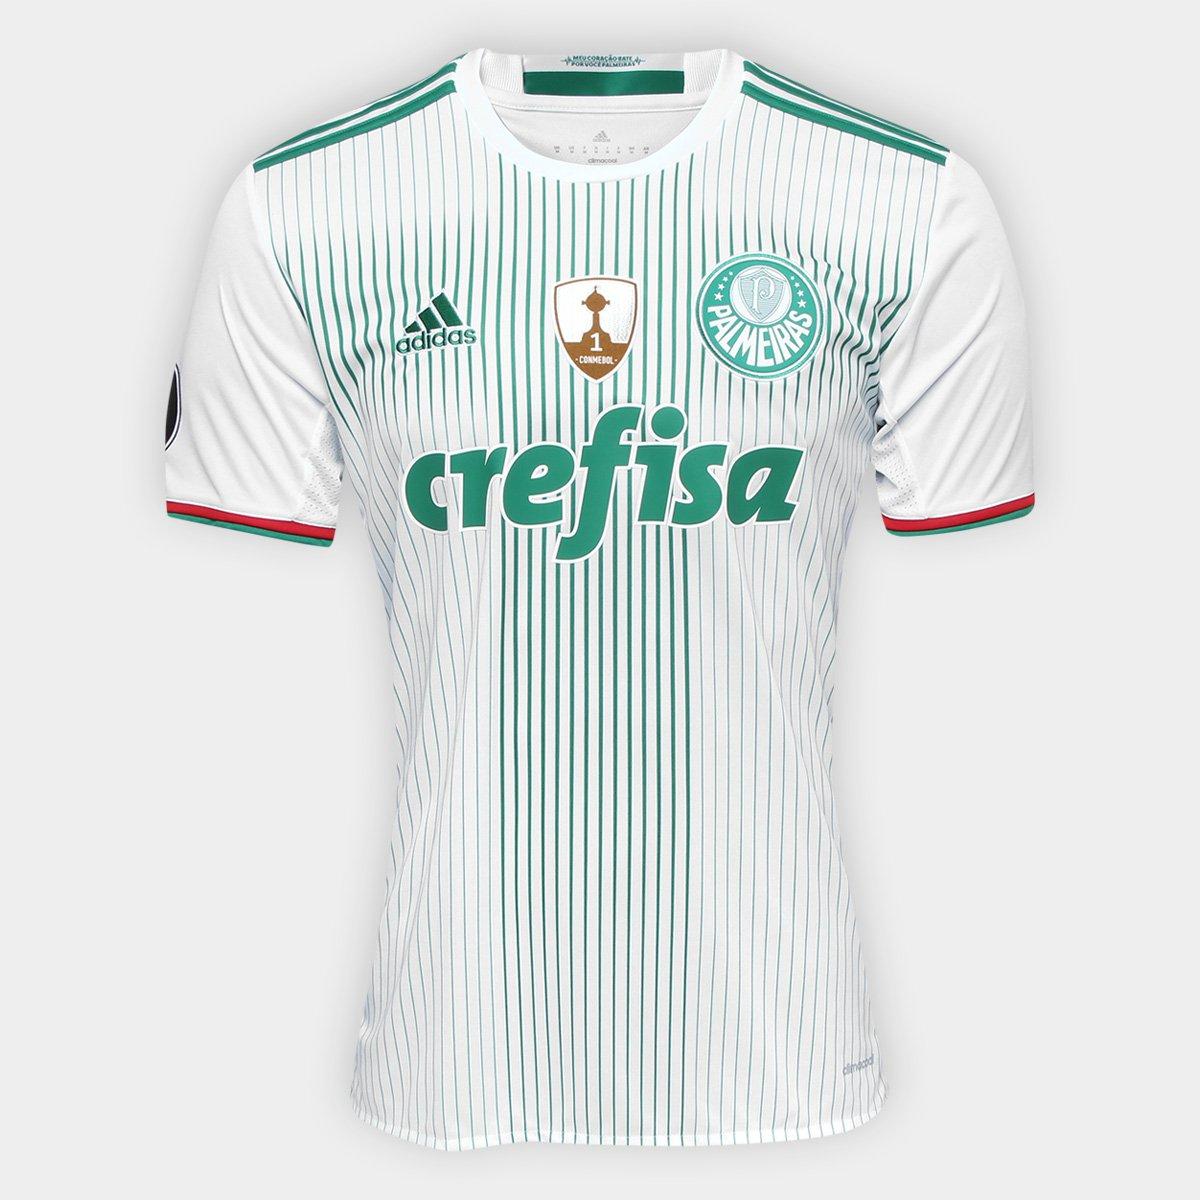 9f926f1ab249e Camisa Adidas Palmeiras II 2016 S Nº - Torcedor - Patch Libertadores -  Compre Agora